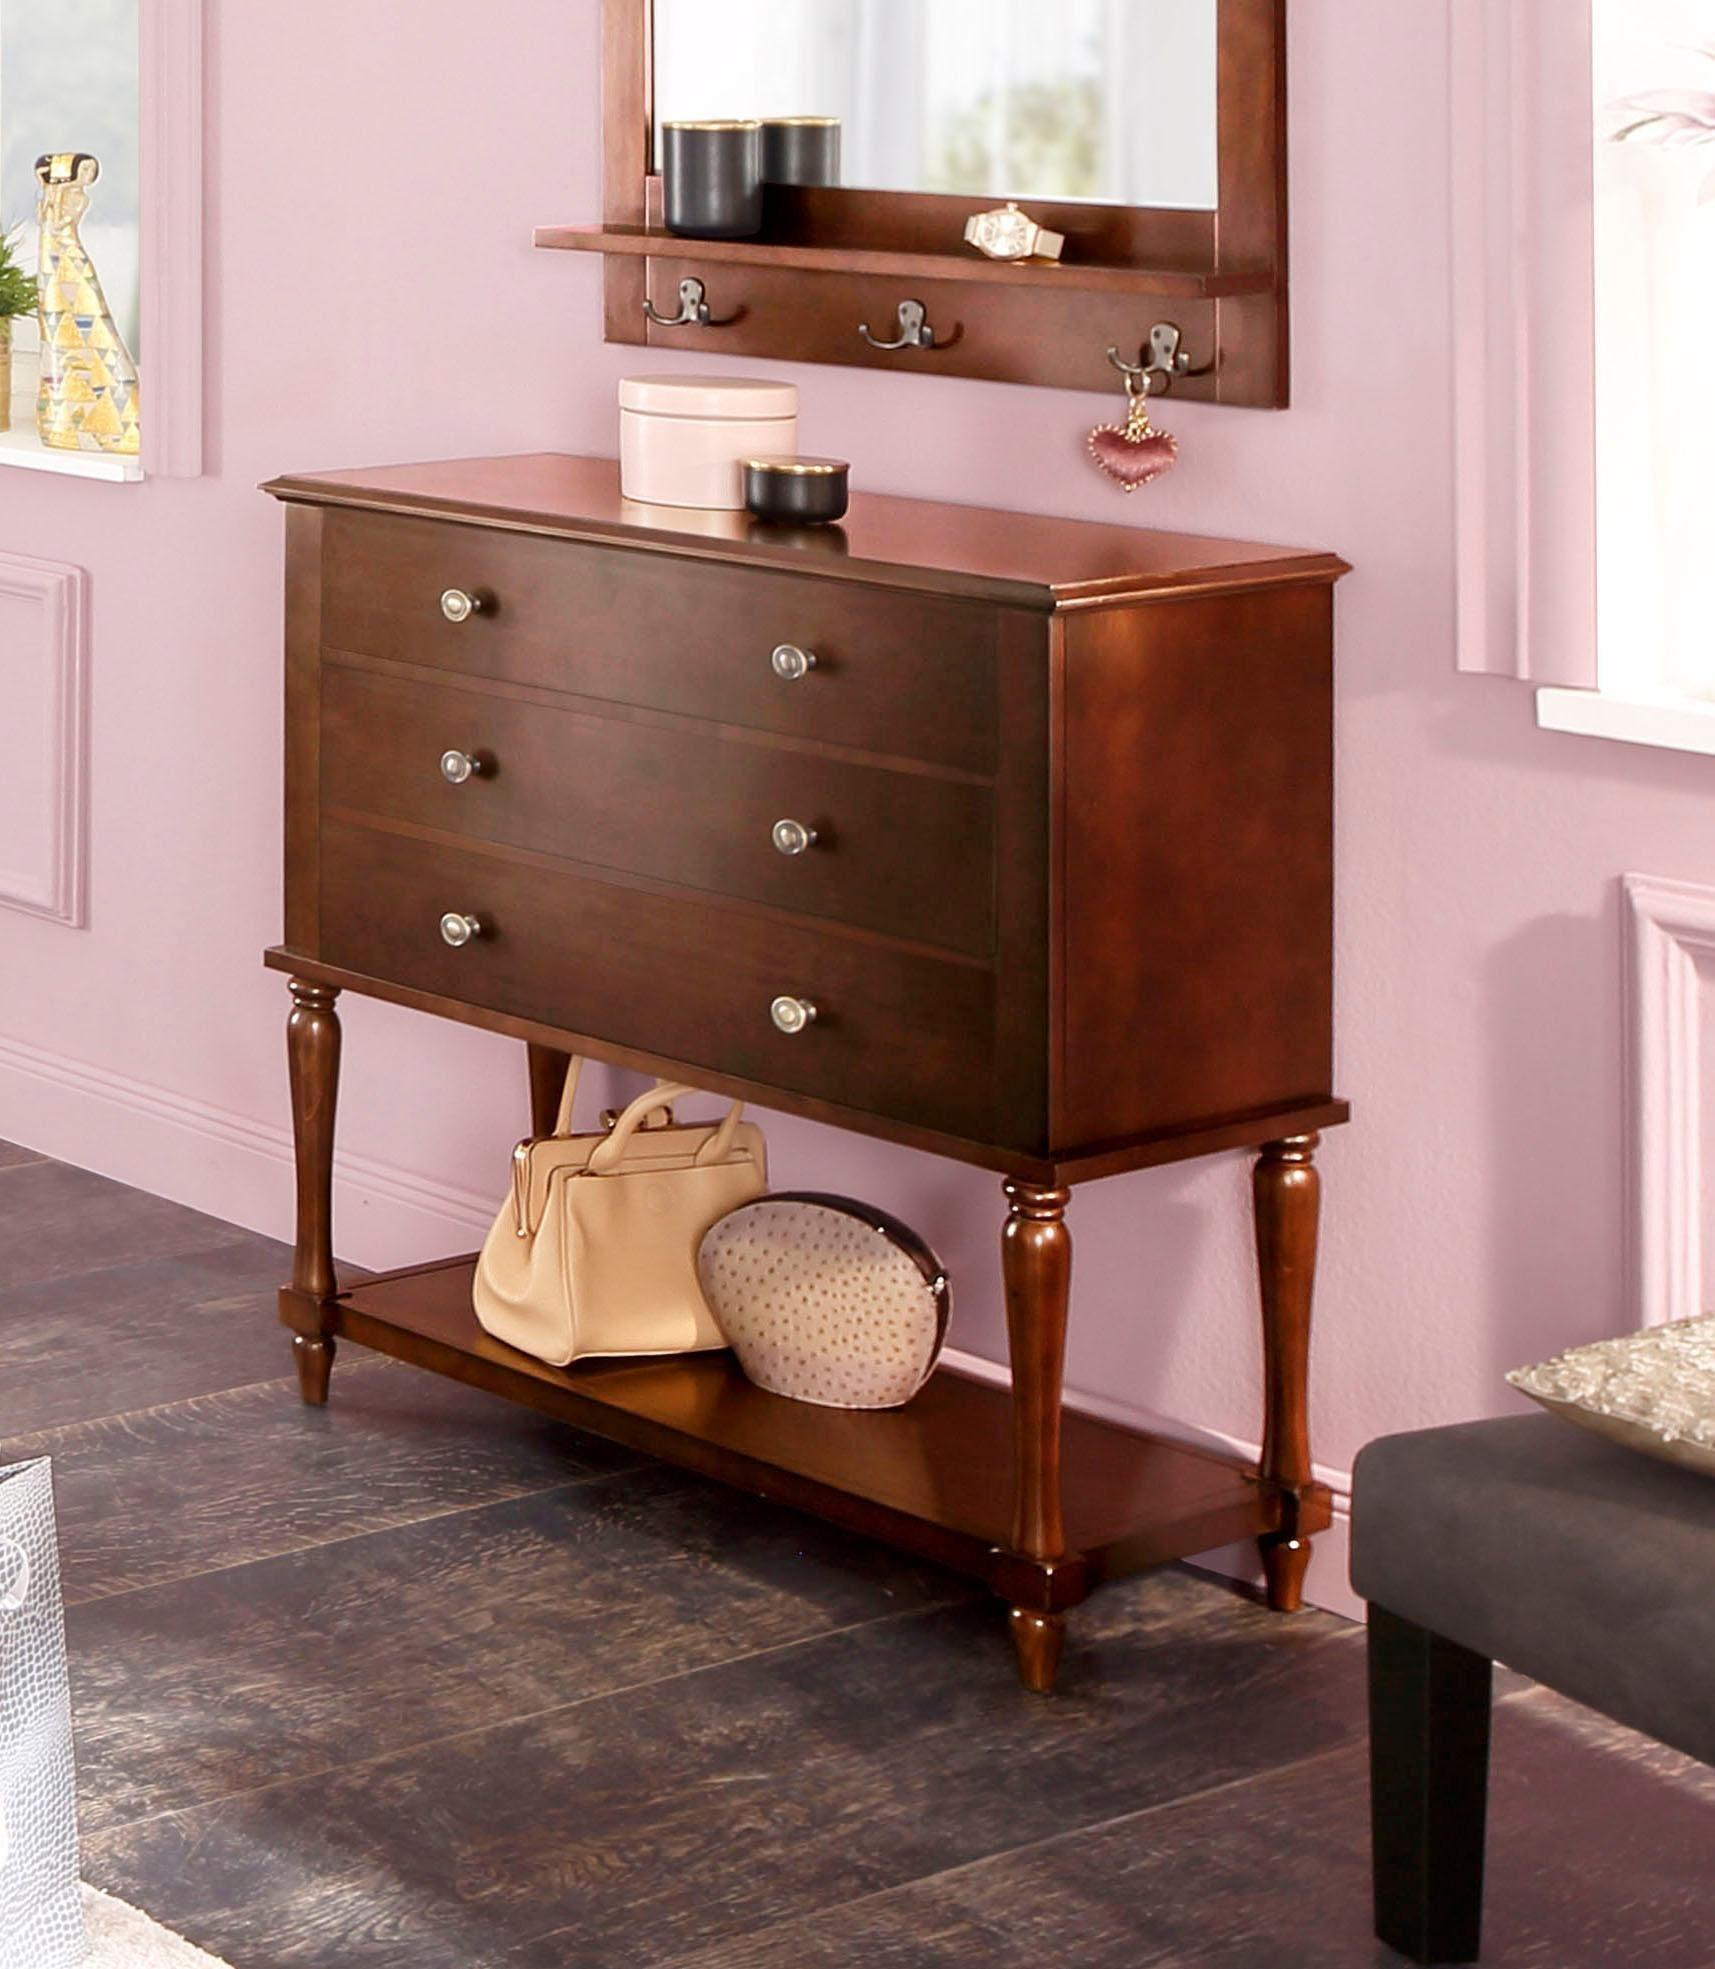 kleiderschrank 80 cm breit preisvergleich die besten angebote online kaufen. Black Bedroom Furniture Sets. Home Design Ideas